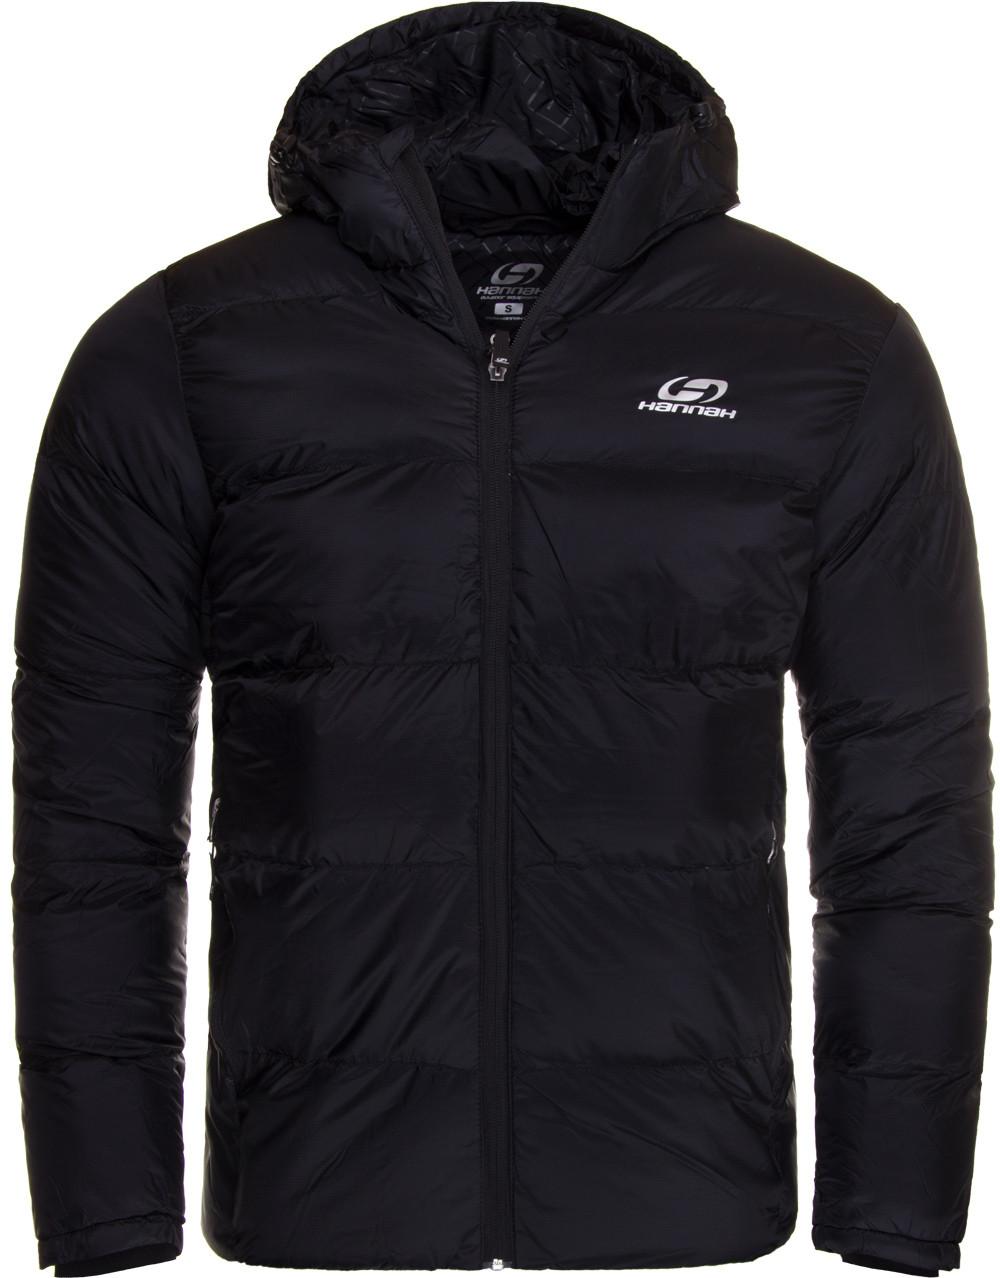 e4298410e6 Kiárusítás vége - Winter jacket by HANNAH Marv